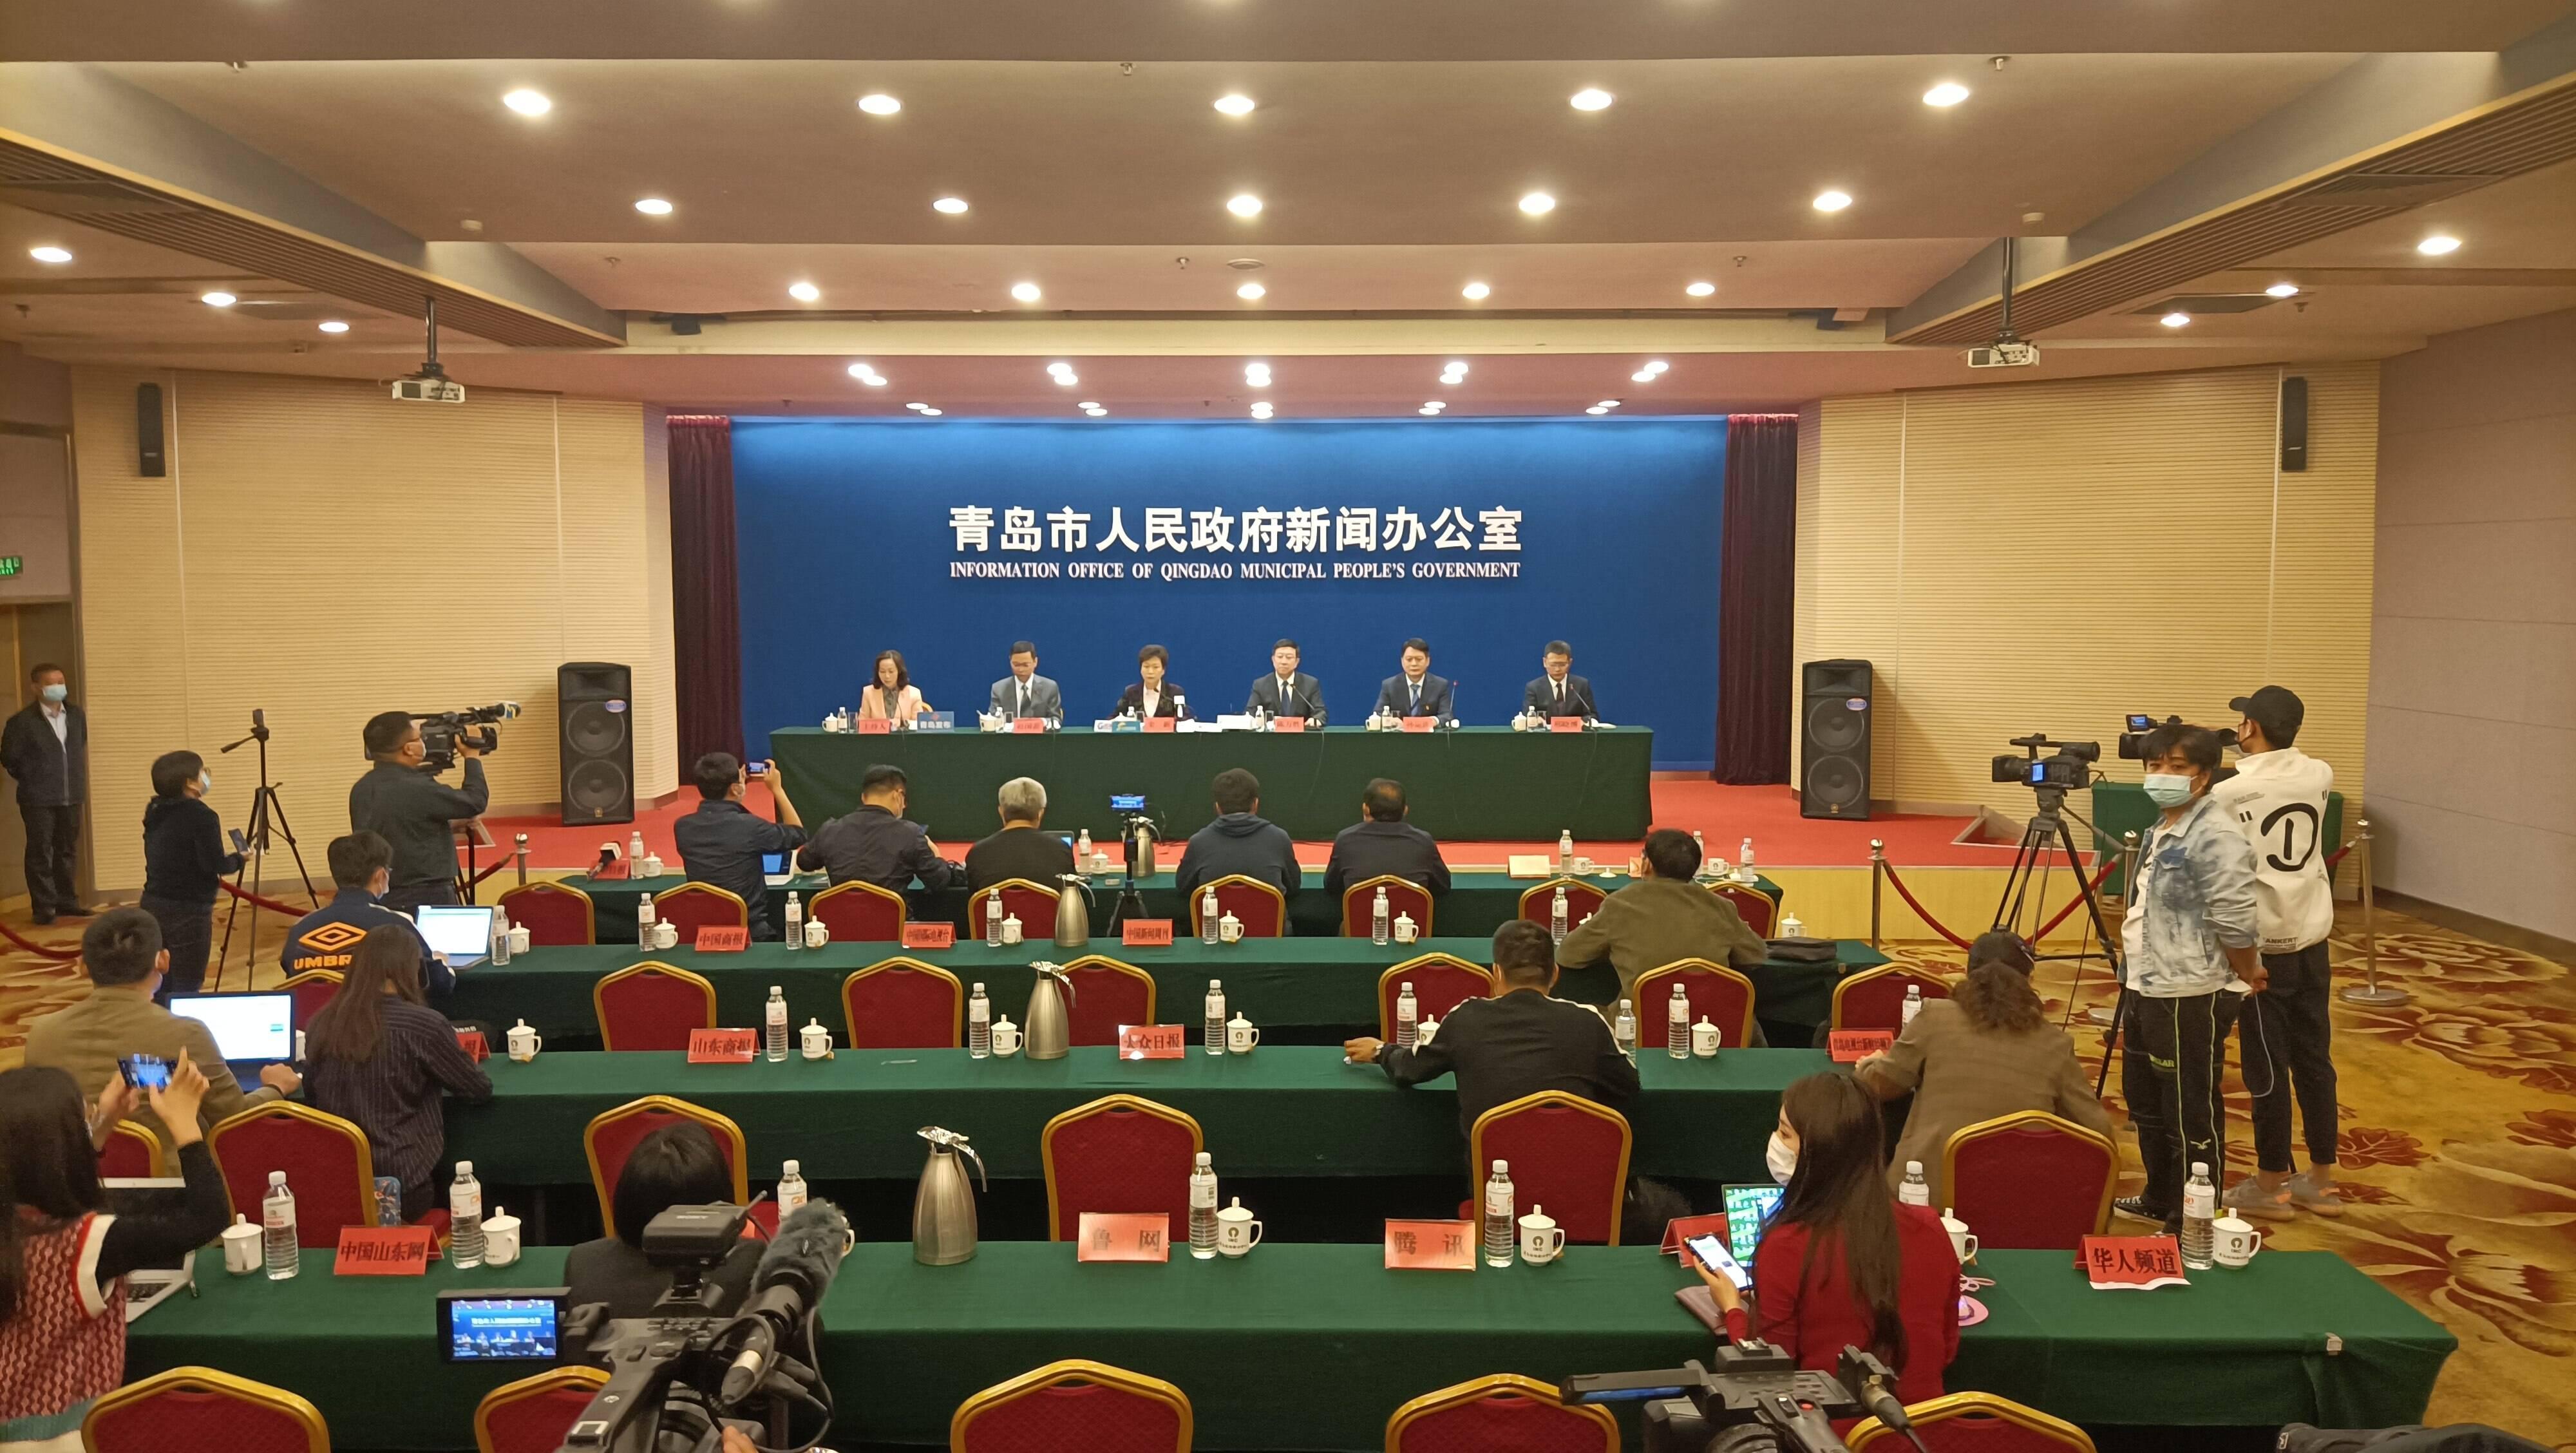 青岛市胸科医院全员已完成五轮核检,未发现新增阳性检测结果